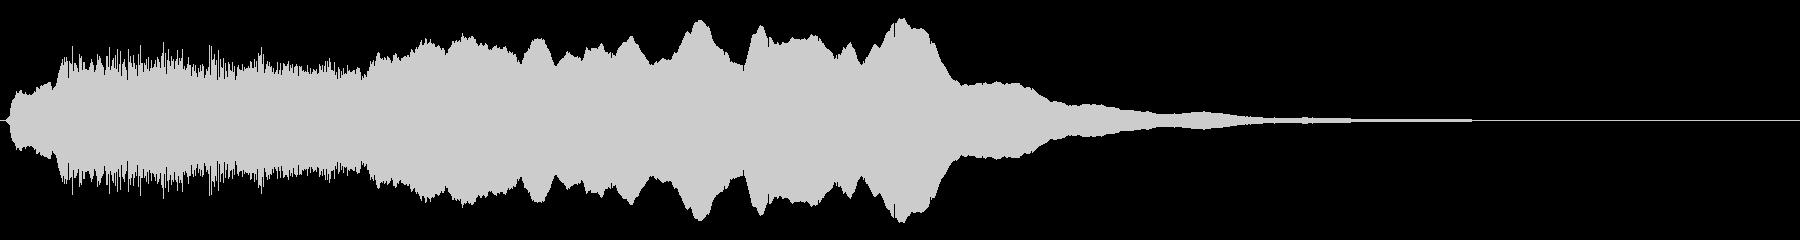 トッカータ風ジングル 01の未再生の波形